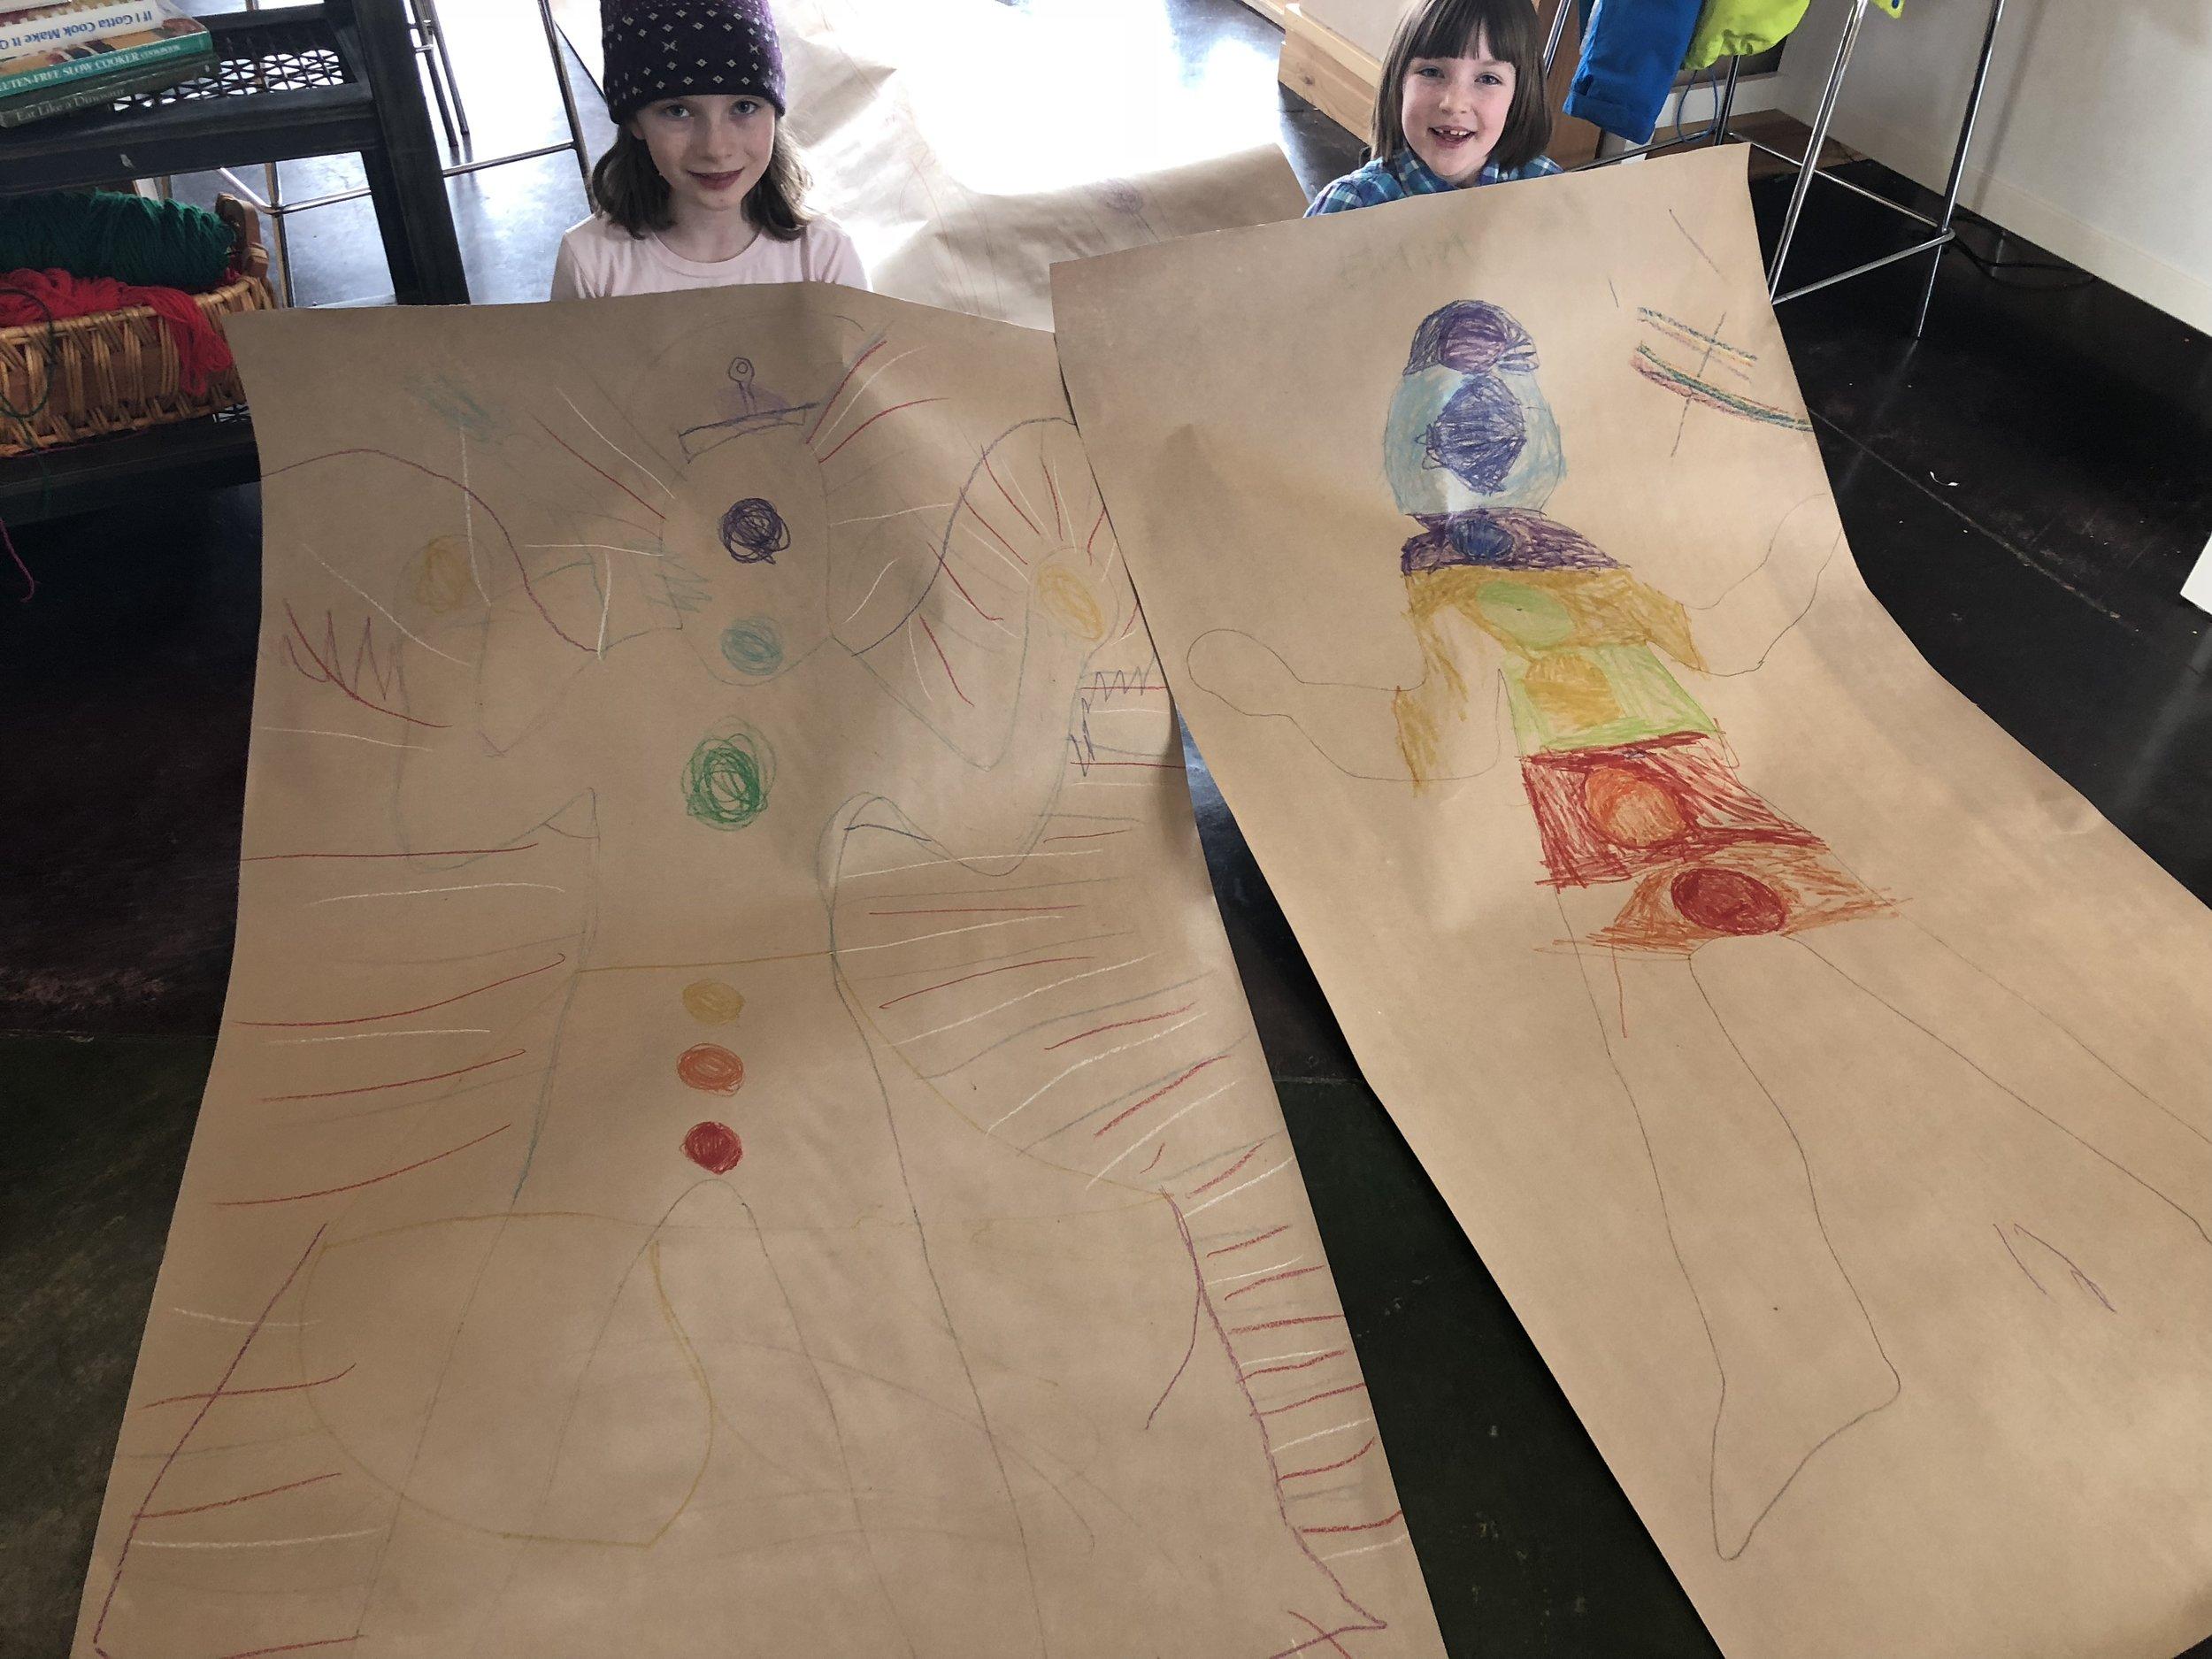 Reiki Kids begin to understand energy awareness through the art activities!